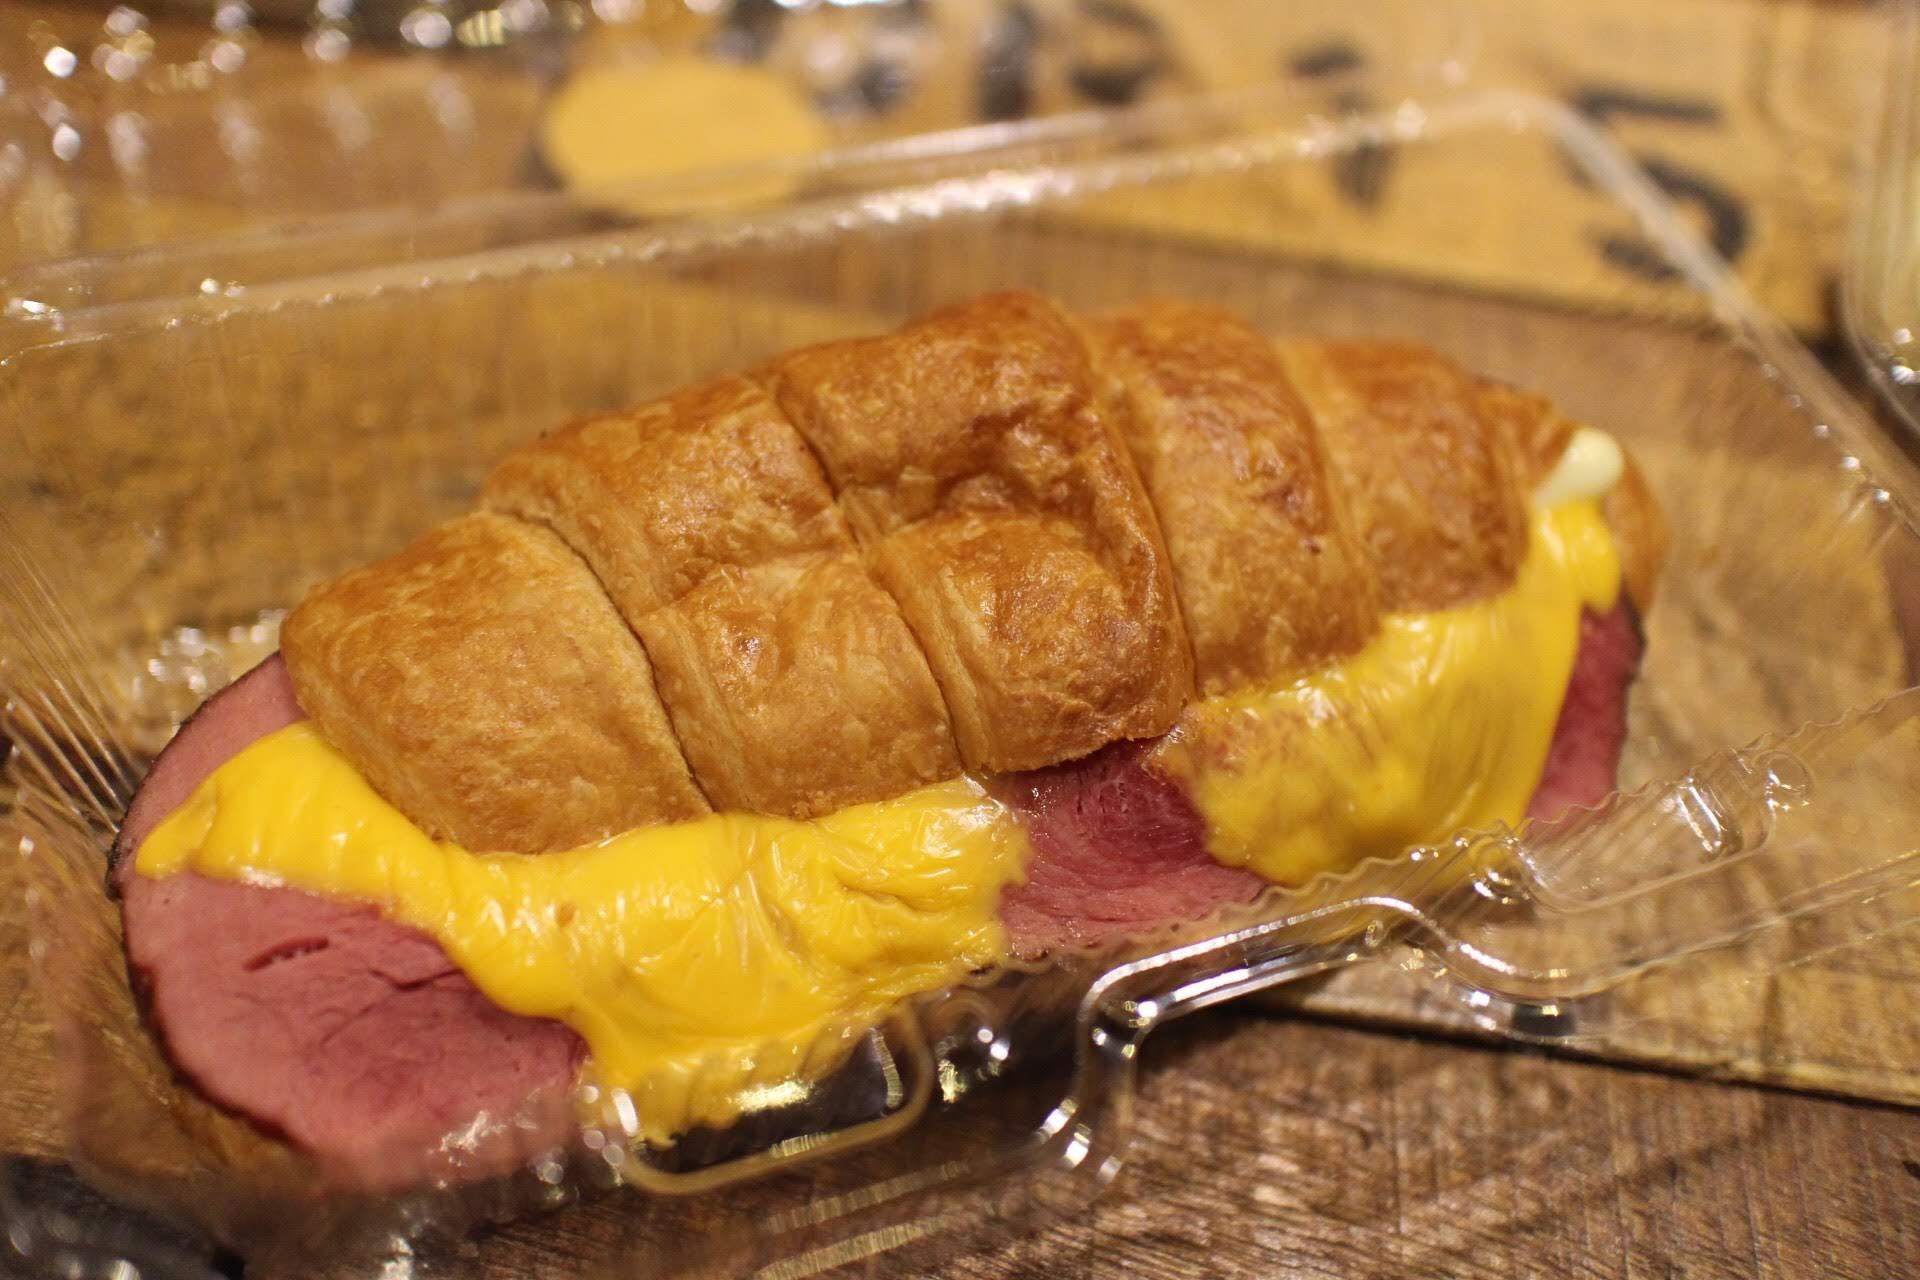 通化街平價下午茶Yolo's Cafe:起司牛肉可頌